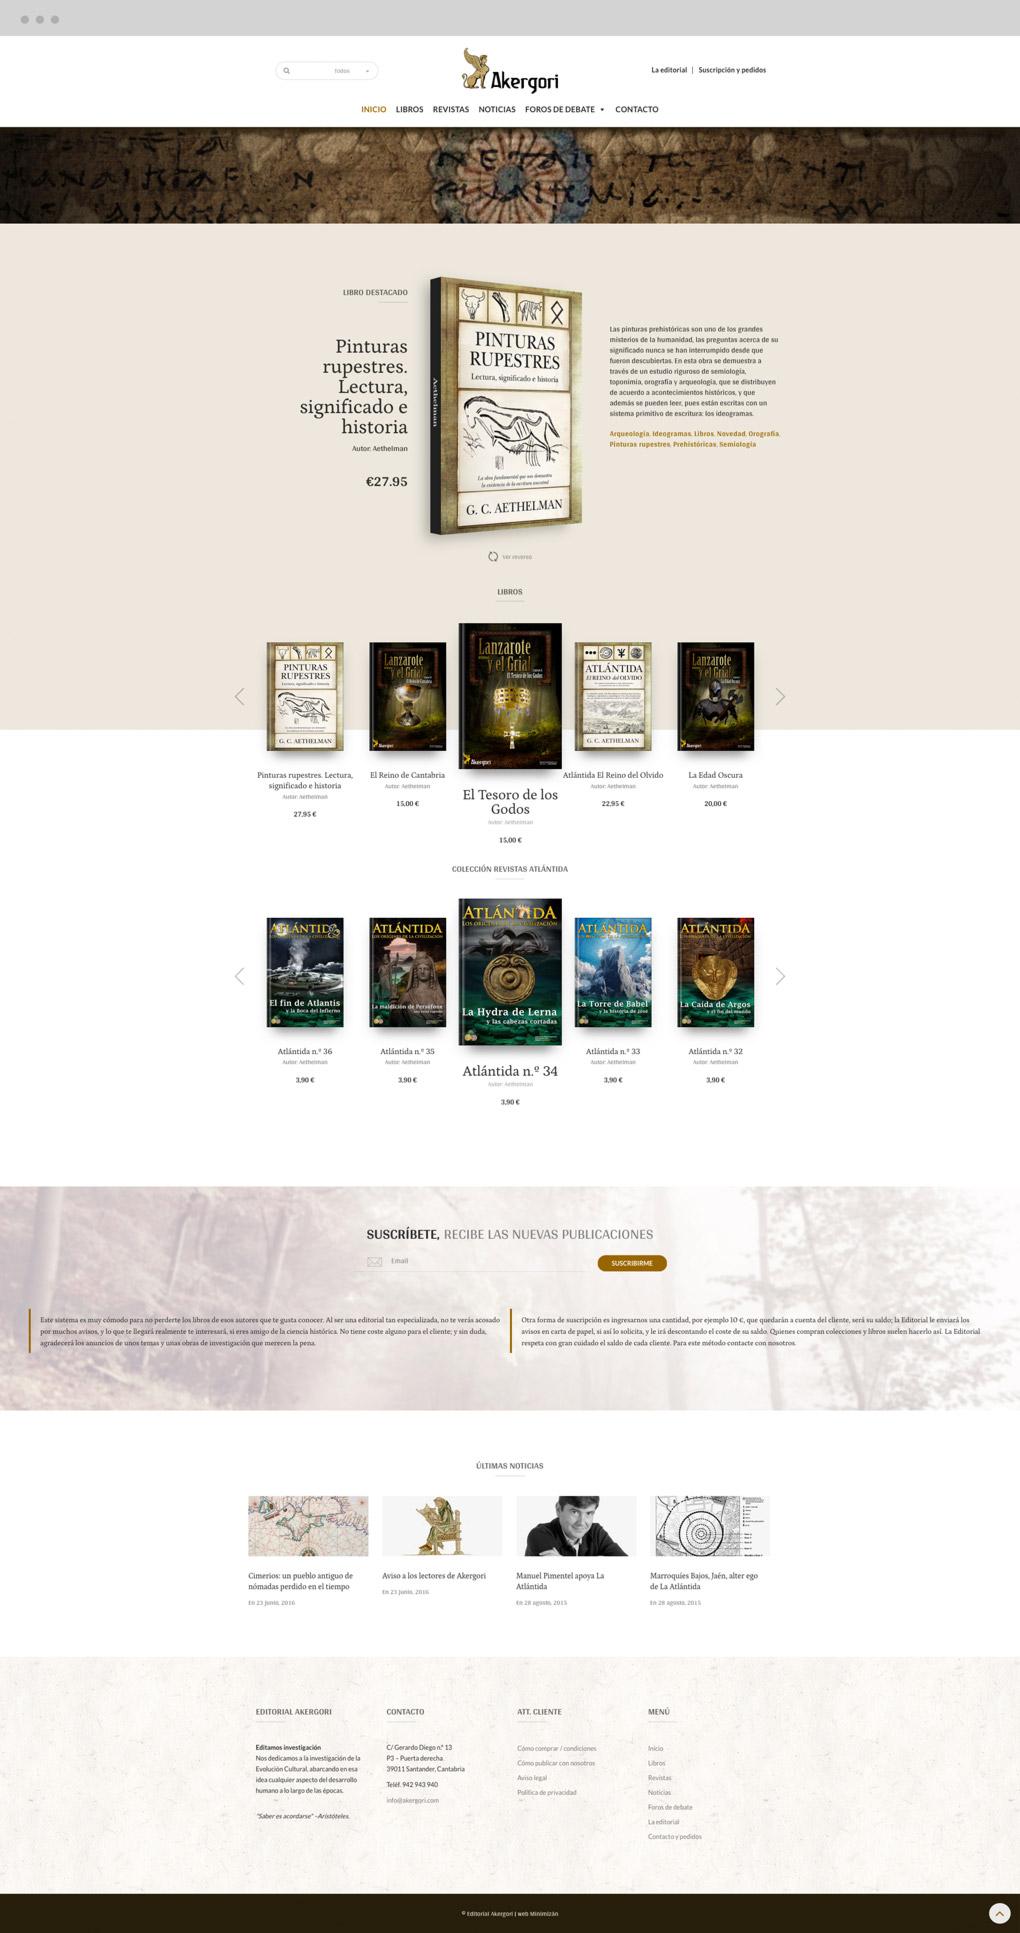 muestra la pantalla Inicio del rediseño web de Editorial Akergori de Germán Cabello Catena